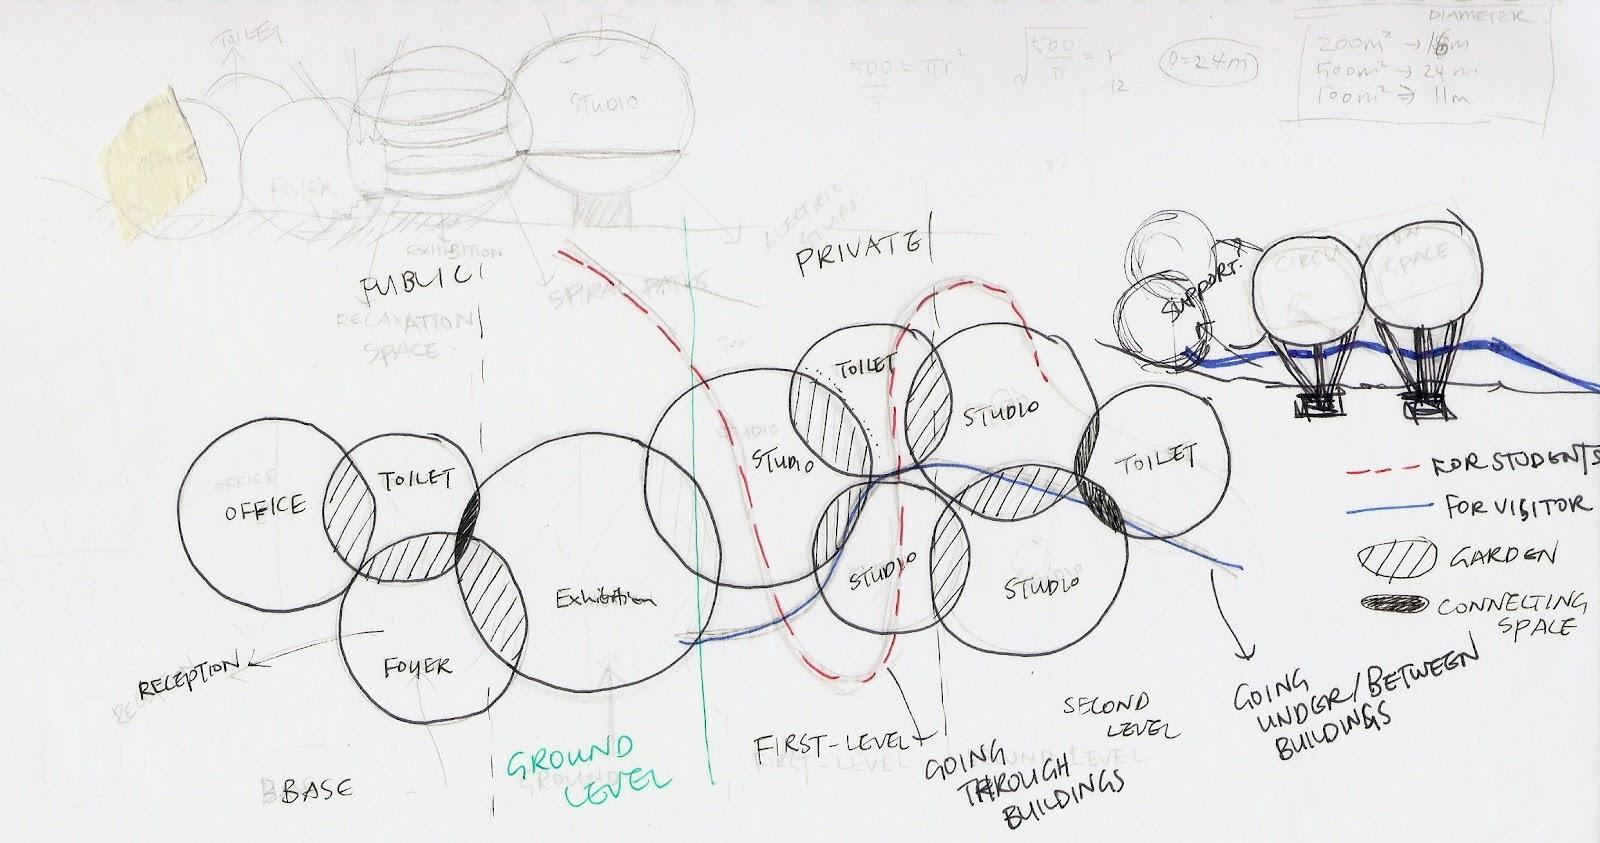 Dab510 Architectural Design Studio 3